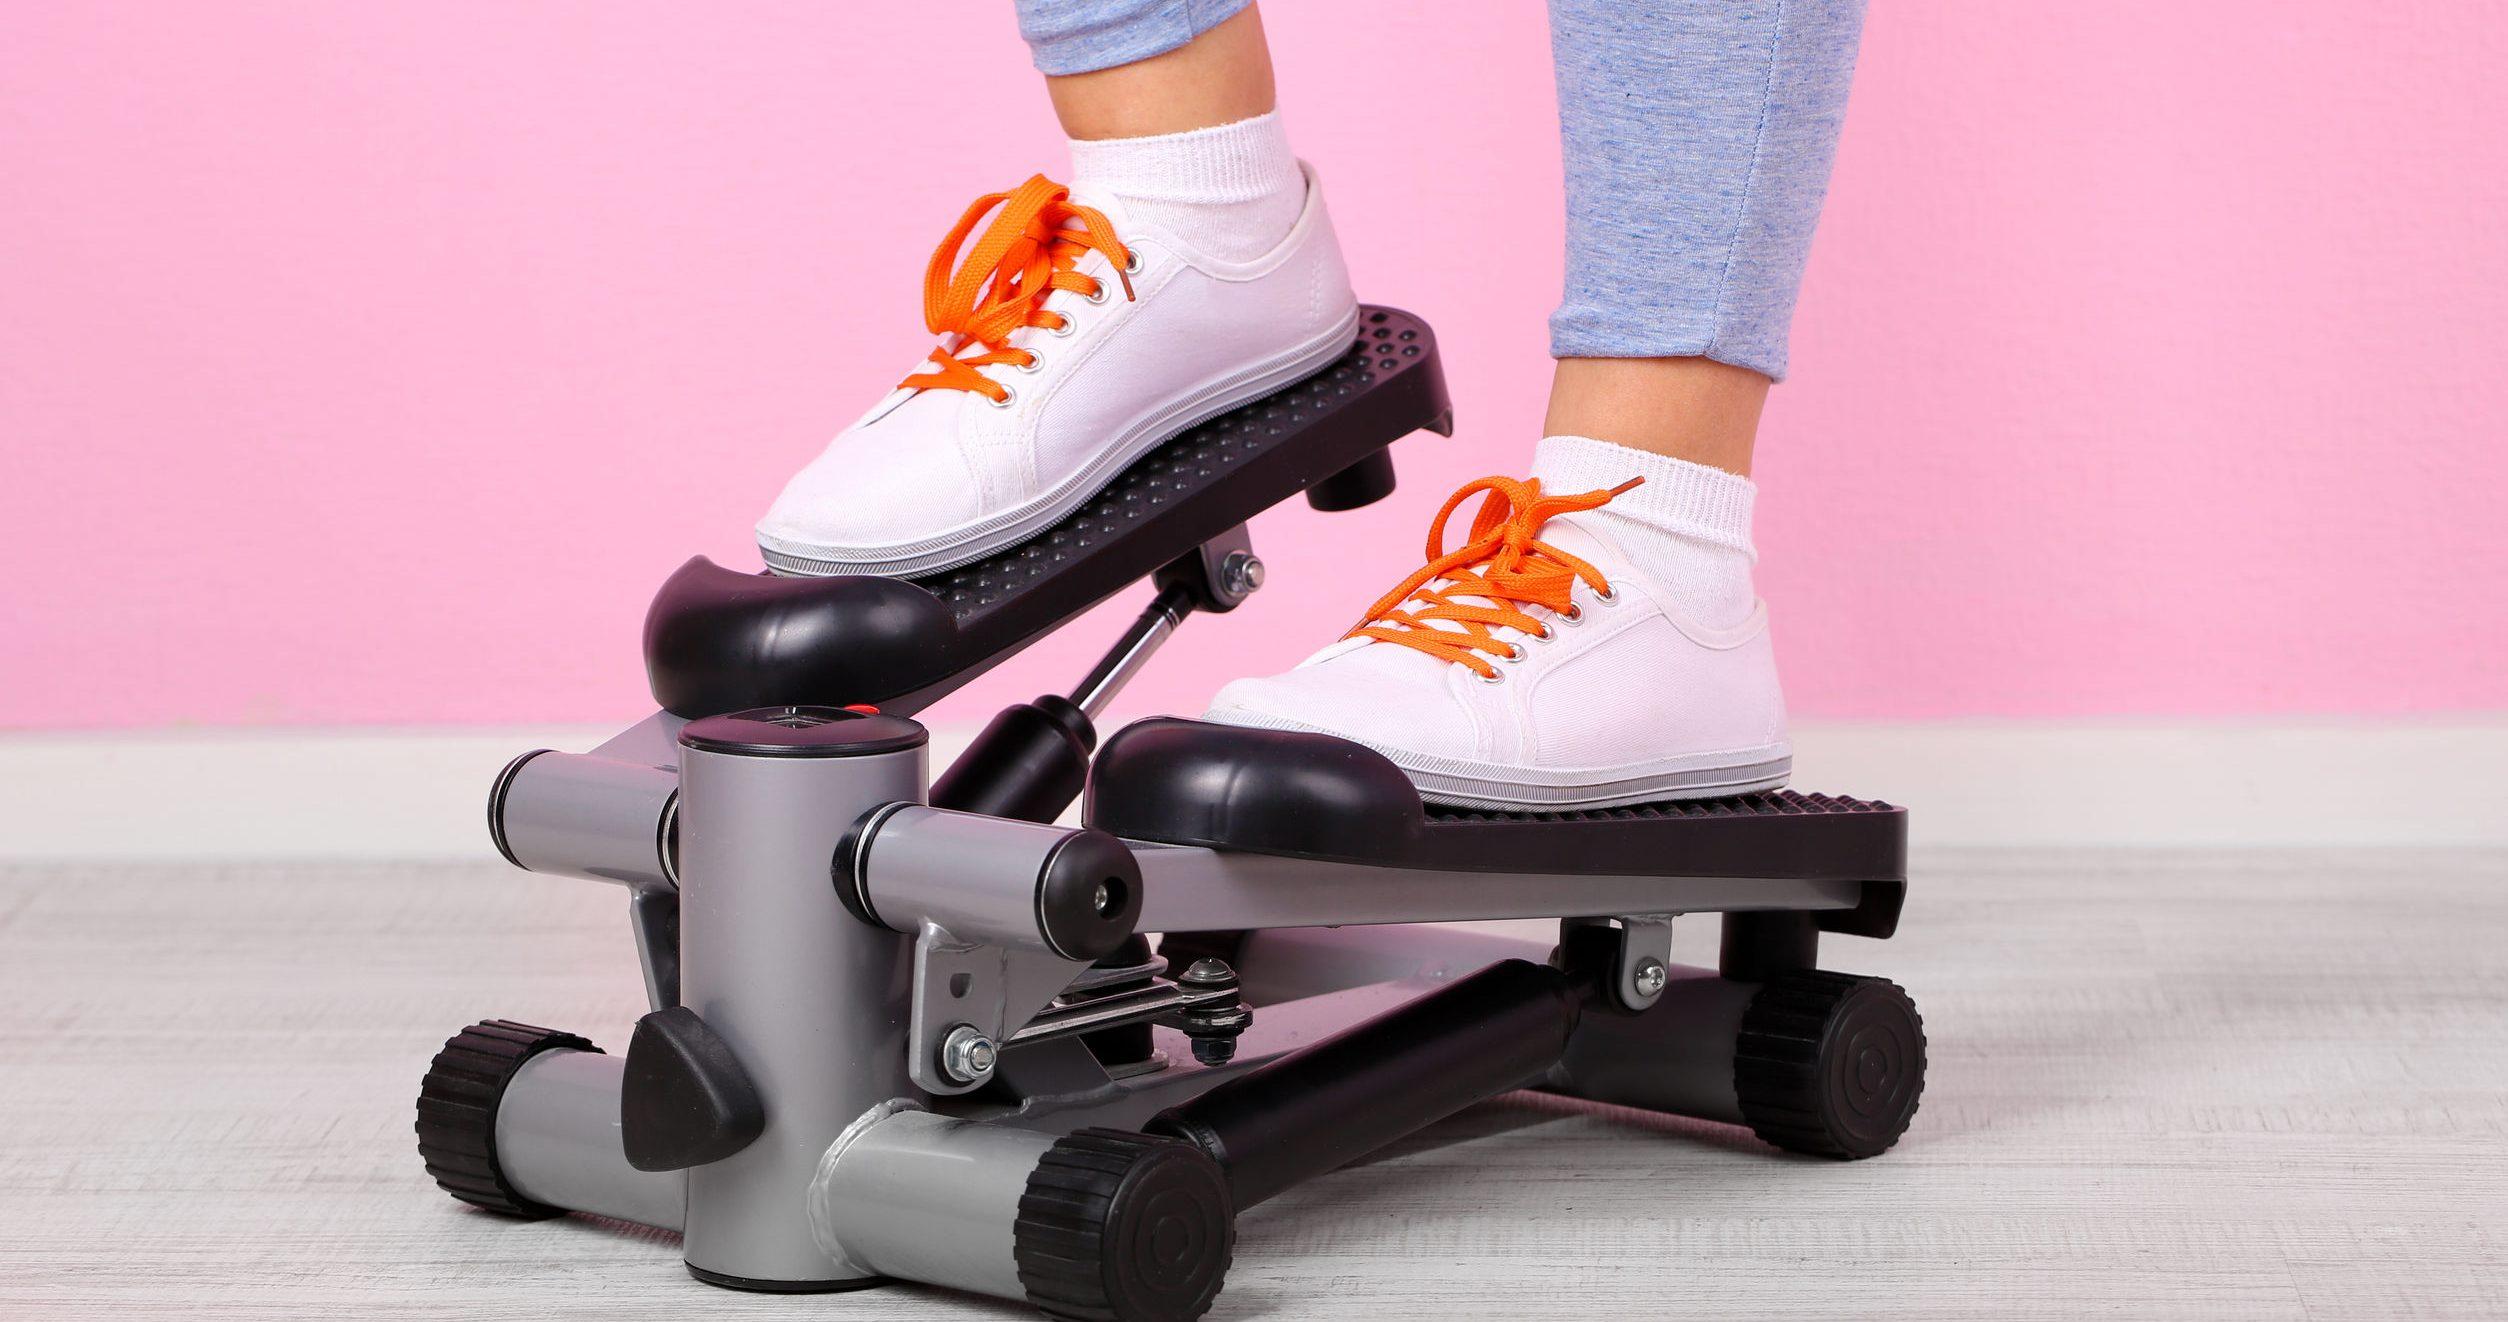 Stepapparaat: Wat zijn de beste stepapparaten van 2020?